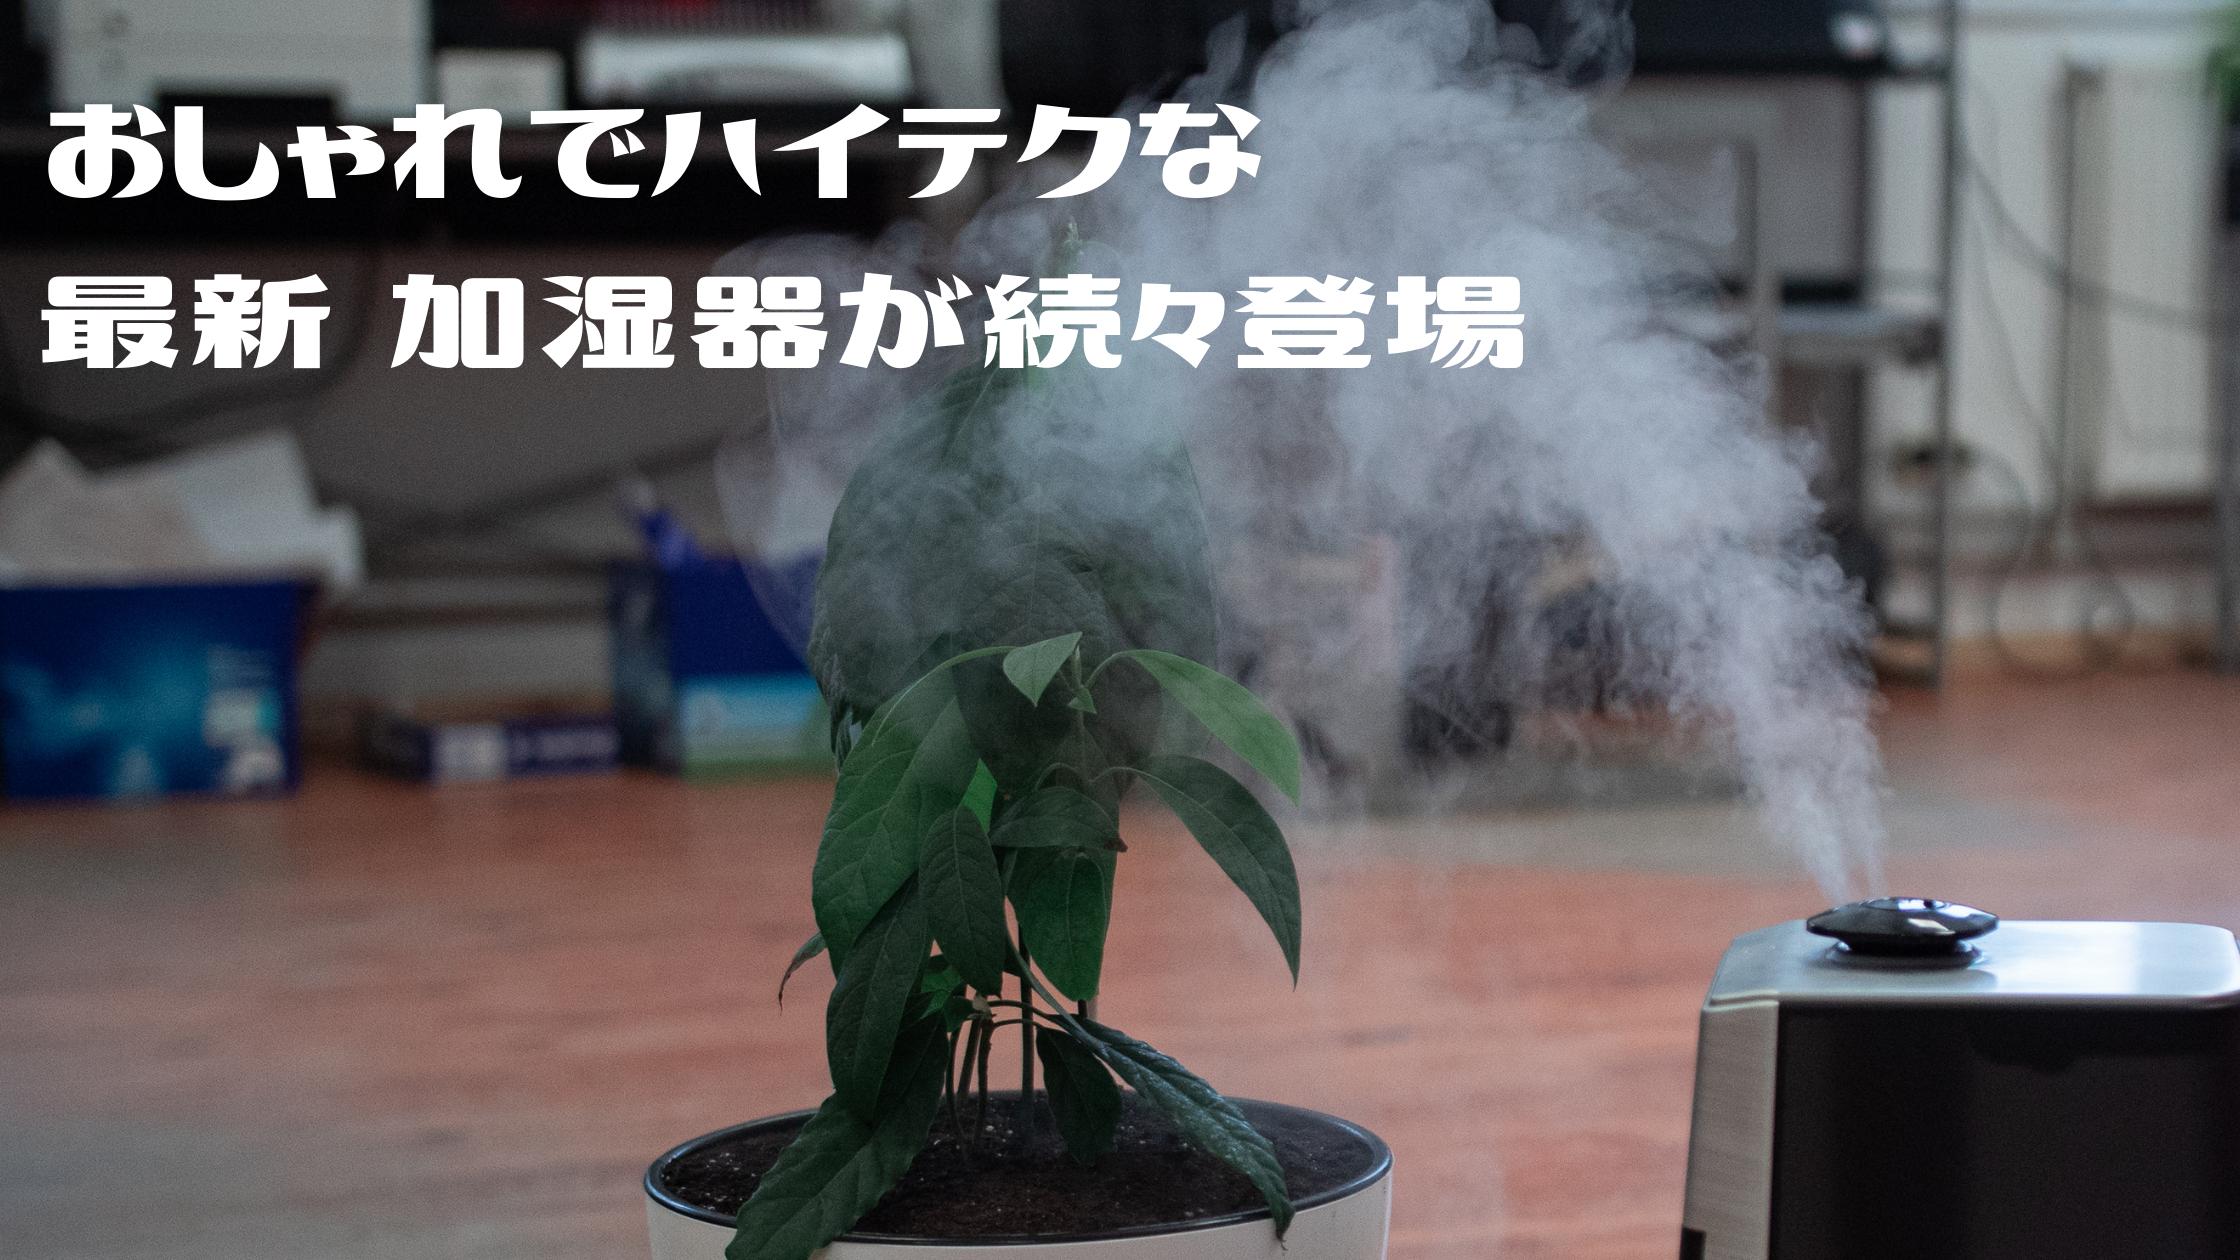 【ZIP】人気【最新 加湿器】『湿度で色が変化』『ハイテク加湿器』『おしゃれなデザイン』